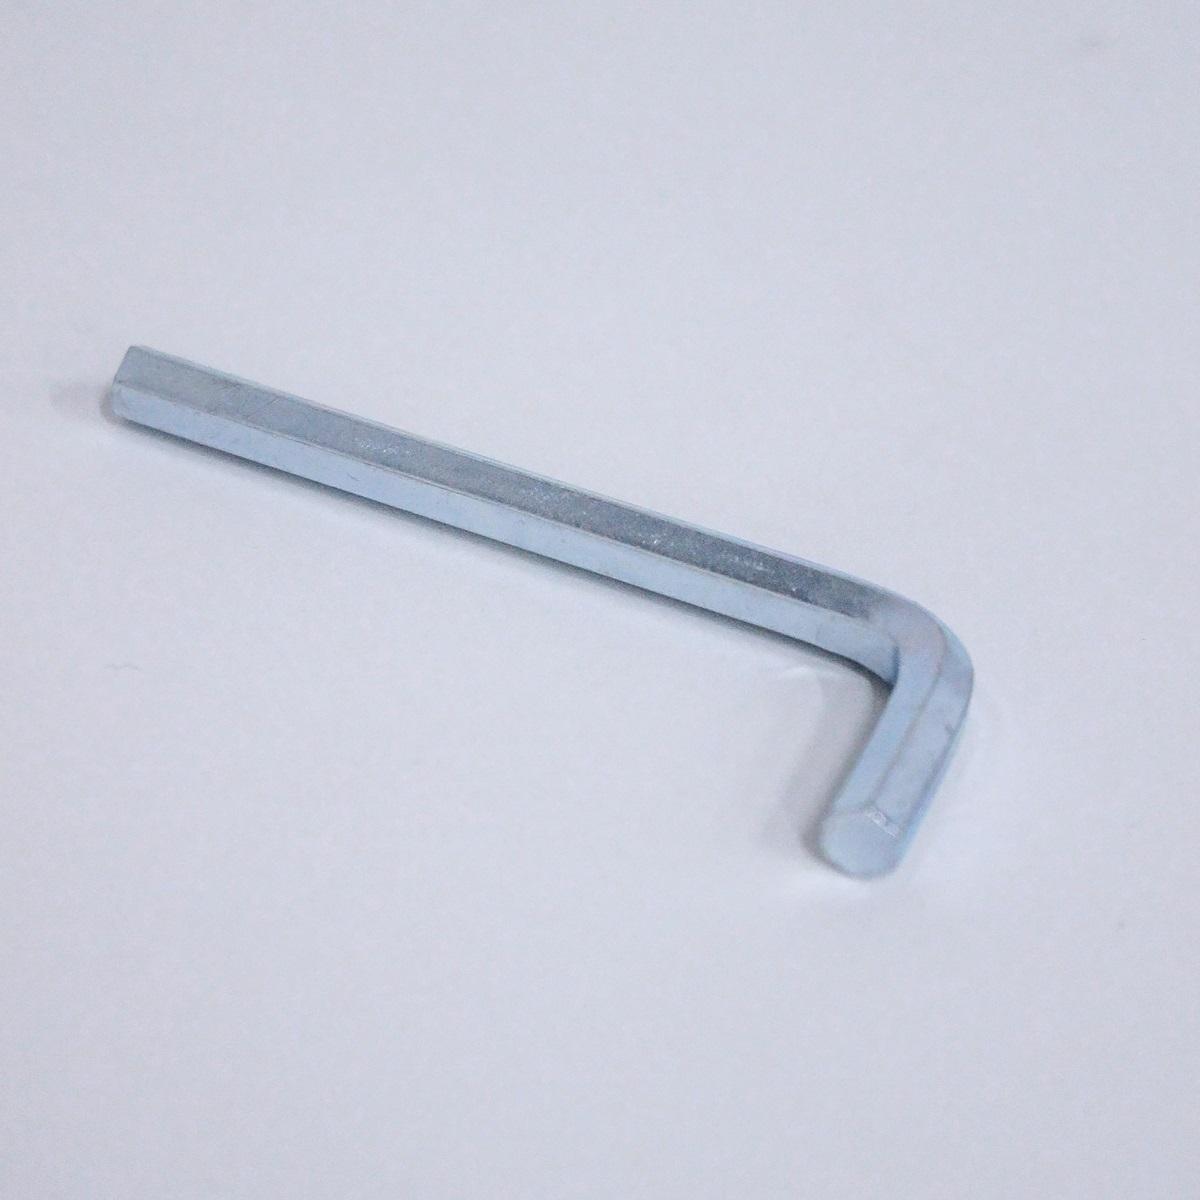 六角レンチ ショート 5mm